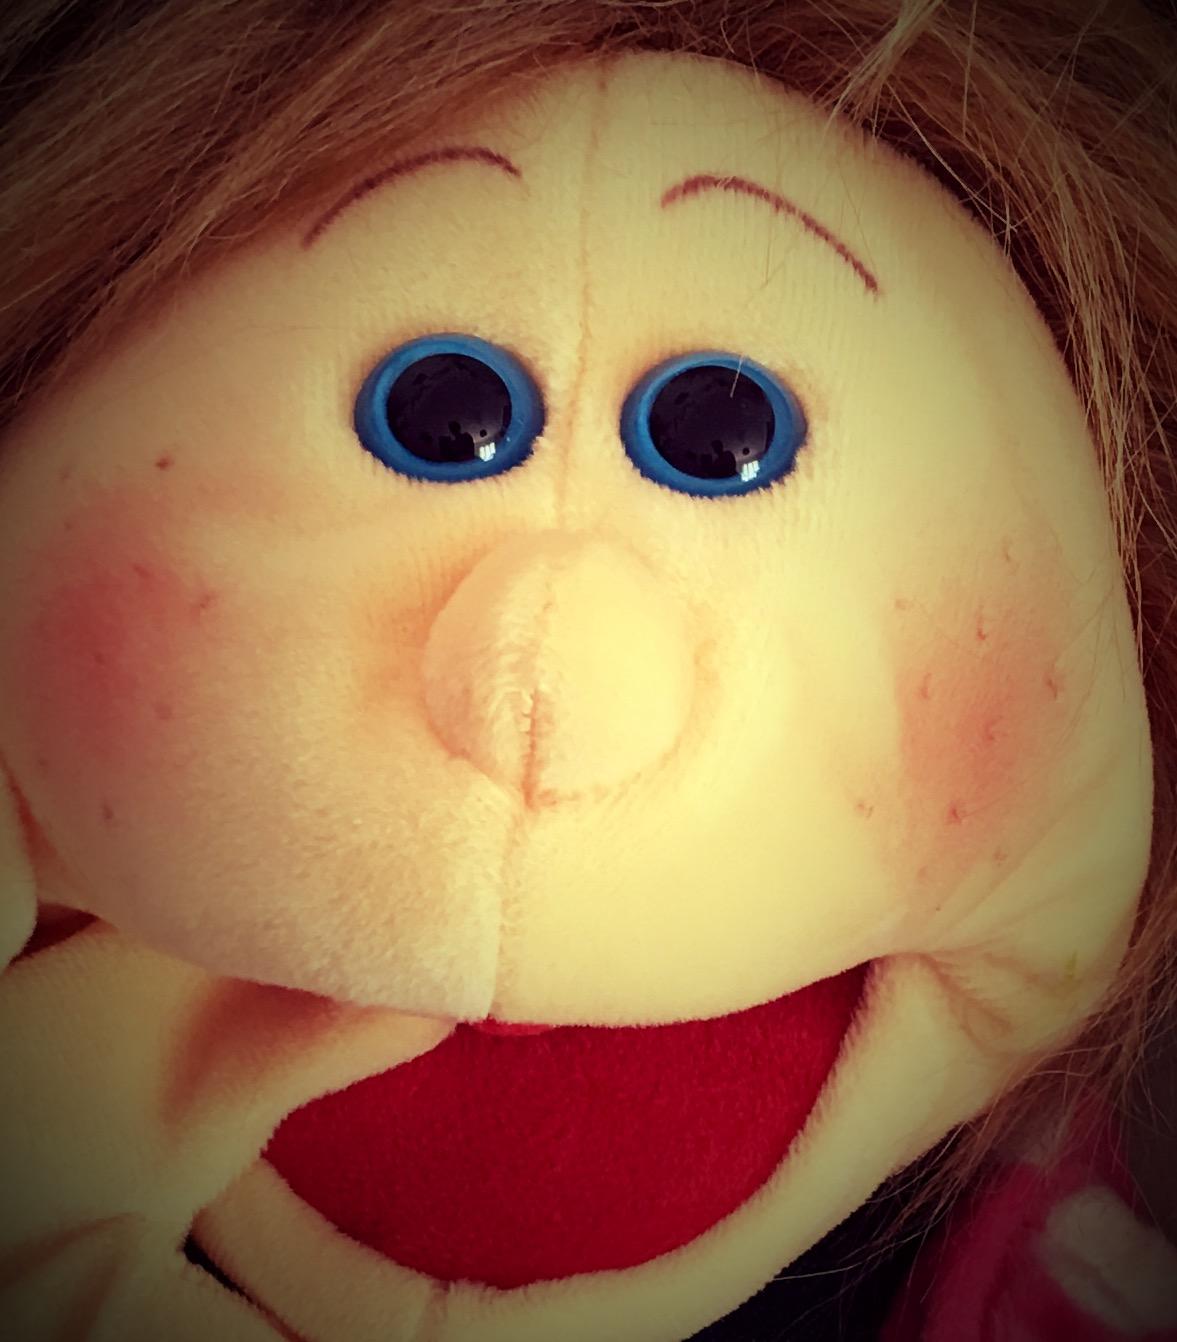 Darf ich vorstellen: Ilselotte Keksberg von Living Puppets